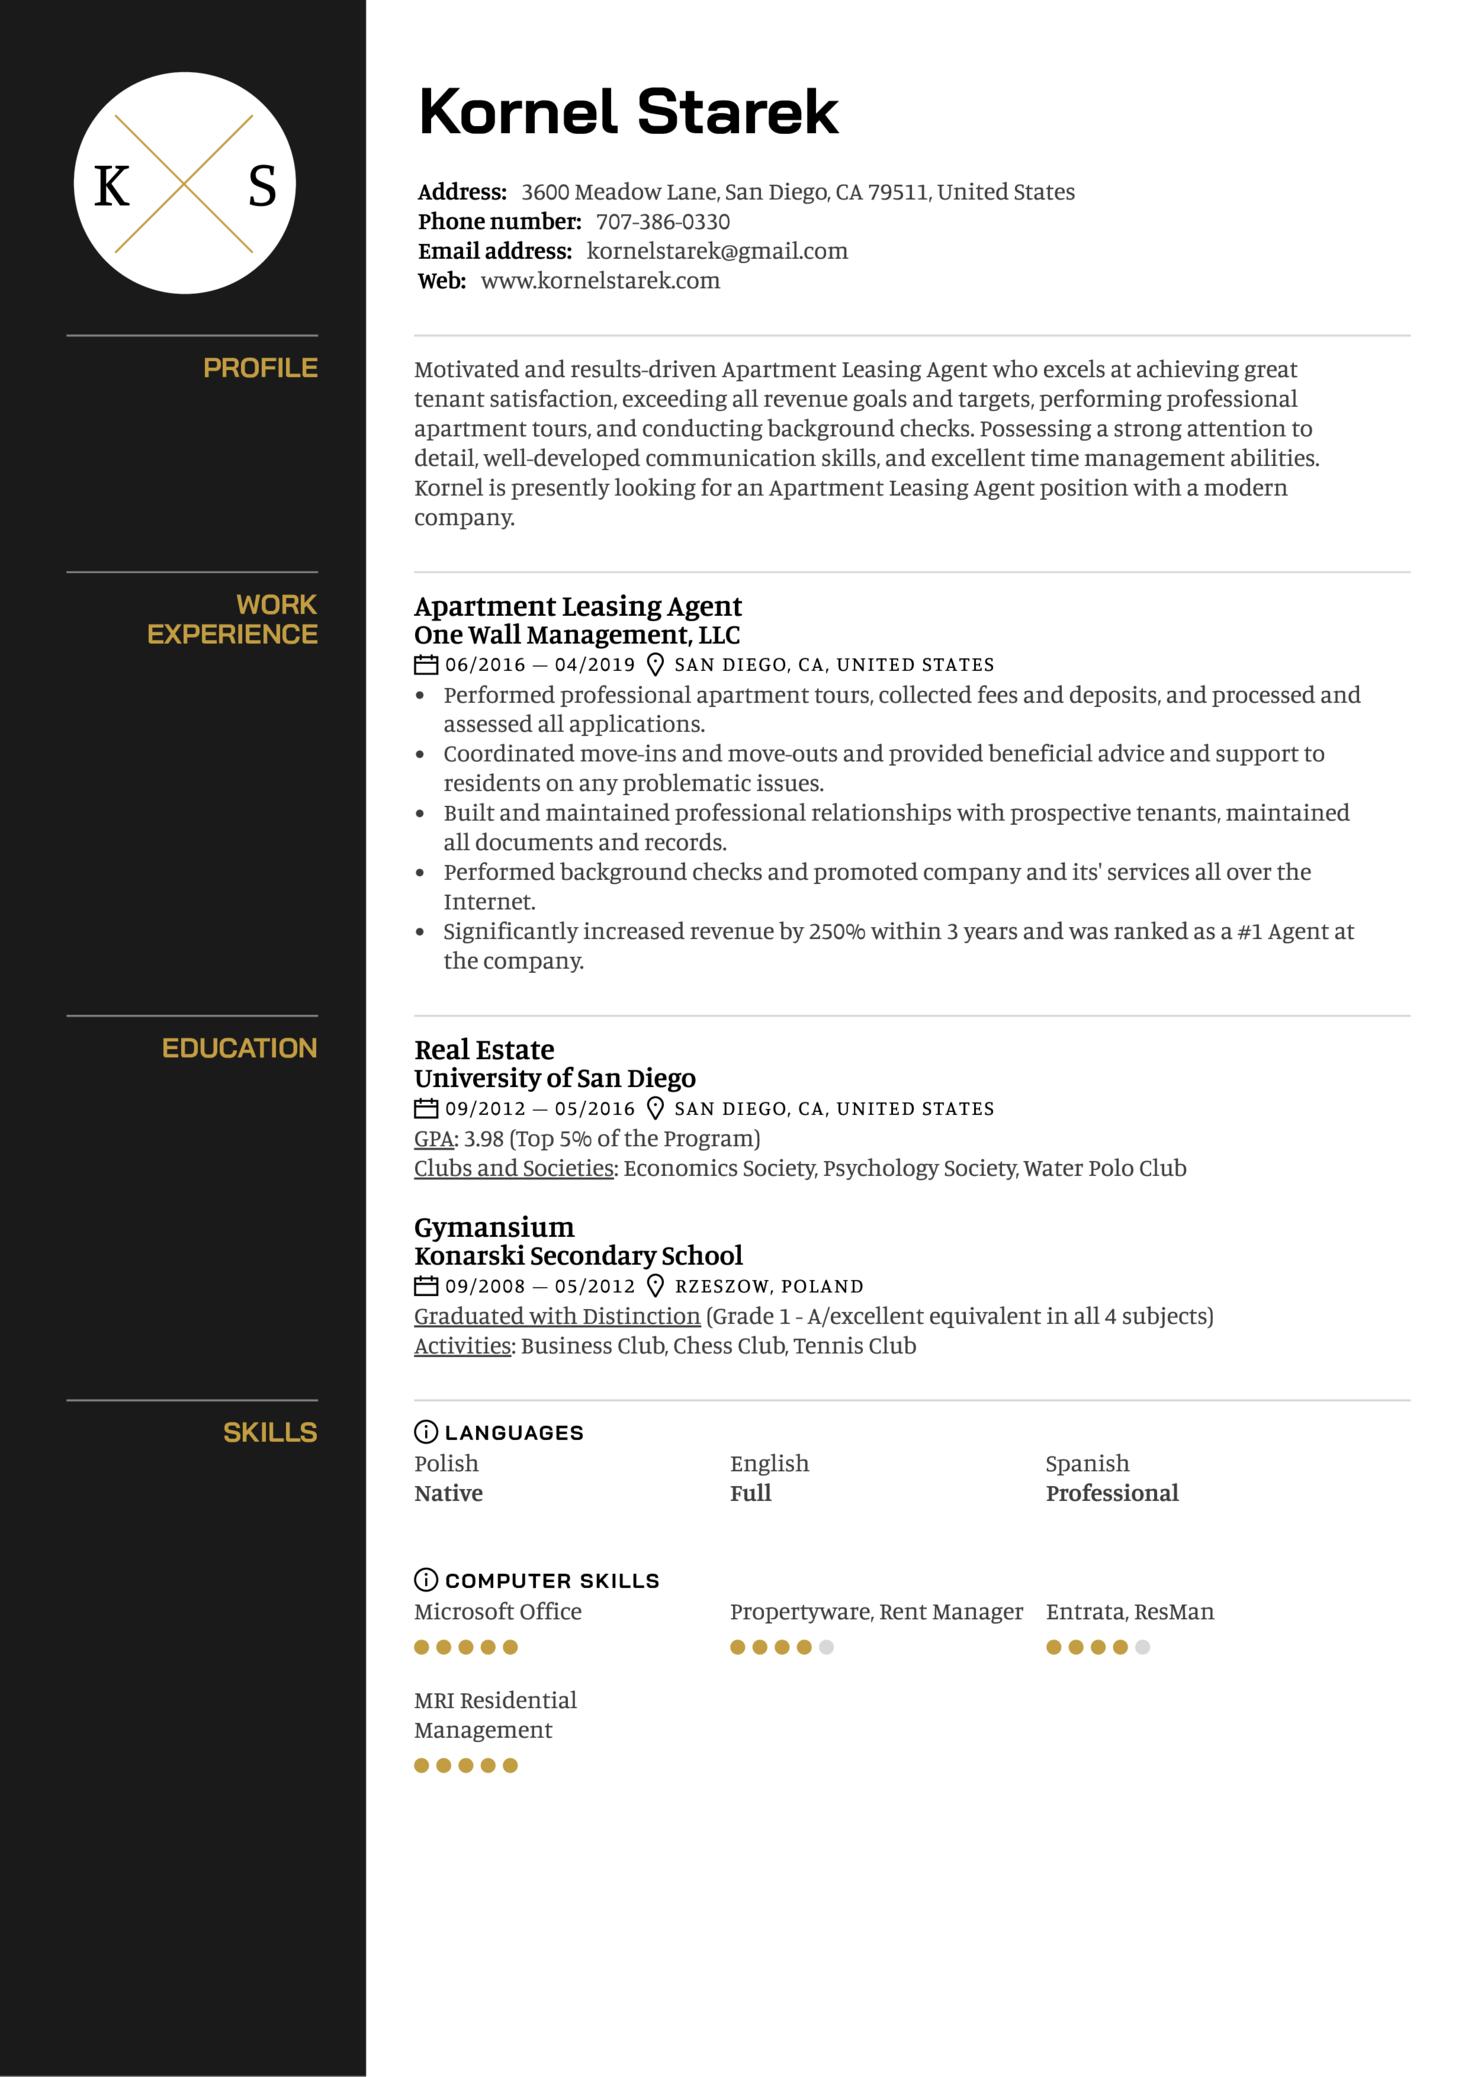 Apartment Leasing Agent Resume Sample (Parte 1)